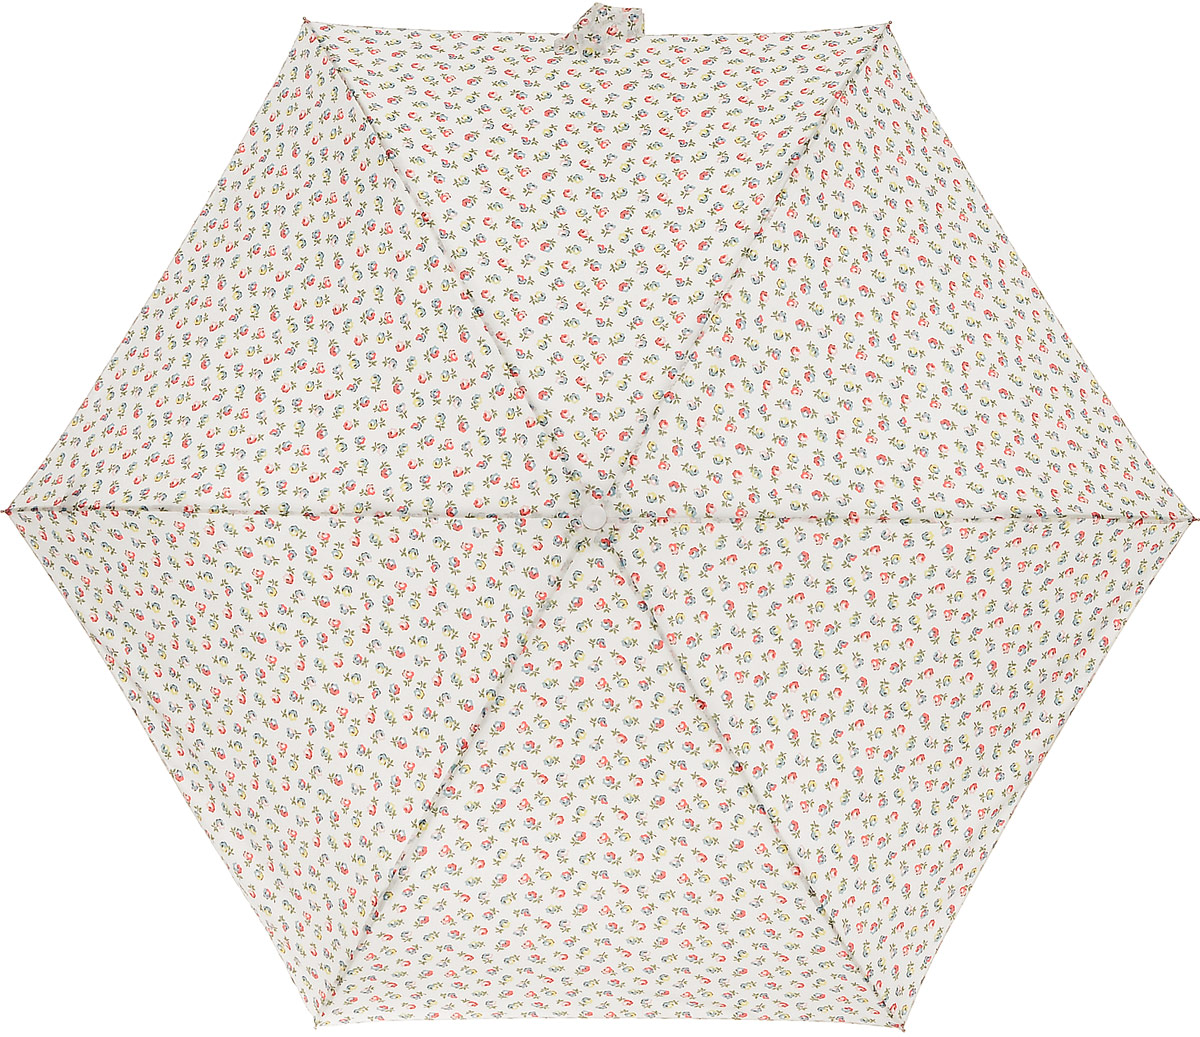 Зонт женский Cath Kidston Minilite, механический, 3 сложения, цвет: молочный, мультиколор. L768-2851REM12-CAM-REDBLACKСтильный механический зонт Cath Kidston Minilite в 3 сложения даже в ненастную погоду позволит вам оставаться элегантной. Облегченный каркас зонта выполнен из 8 спиц из фибергласса и алюминия, стержень также изготовлен из алюминия, удобная рукоятка - из пластика. Купол зонта выполнен из прочного полиэстера. В закрытом виде застегивается хлястиком на липучке. Яркий оригинальный цветочный принт поднимет настроение в дождливый день.Зонт механического сложения: купол открывается и закрывается вручную до характерного щелчка.На рукоятке для удобства есть небольшой шнурок, позволяющий надеть зонт на руку тогда, когда это будет необходимо. К зонту прилагается чехол с небольшой нашивкой с названием бренда. Такой зонт компактно располагается в кармане, сумочке, дверке автомобиля.